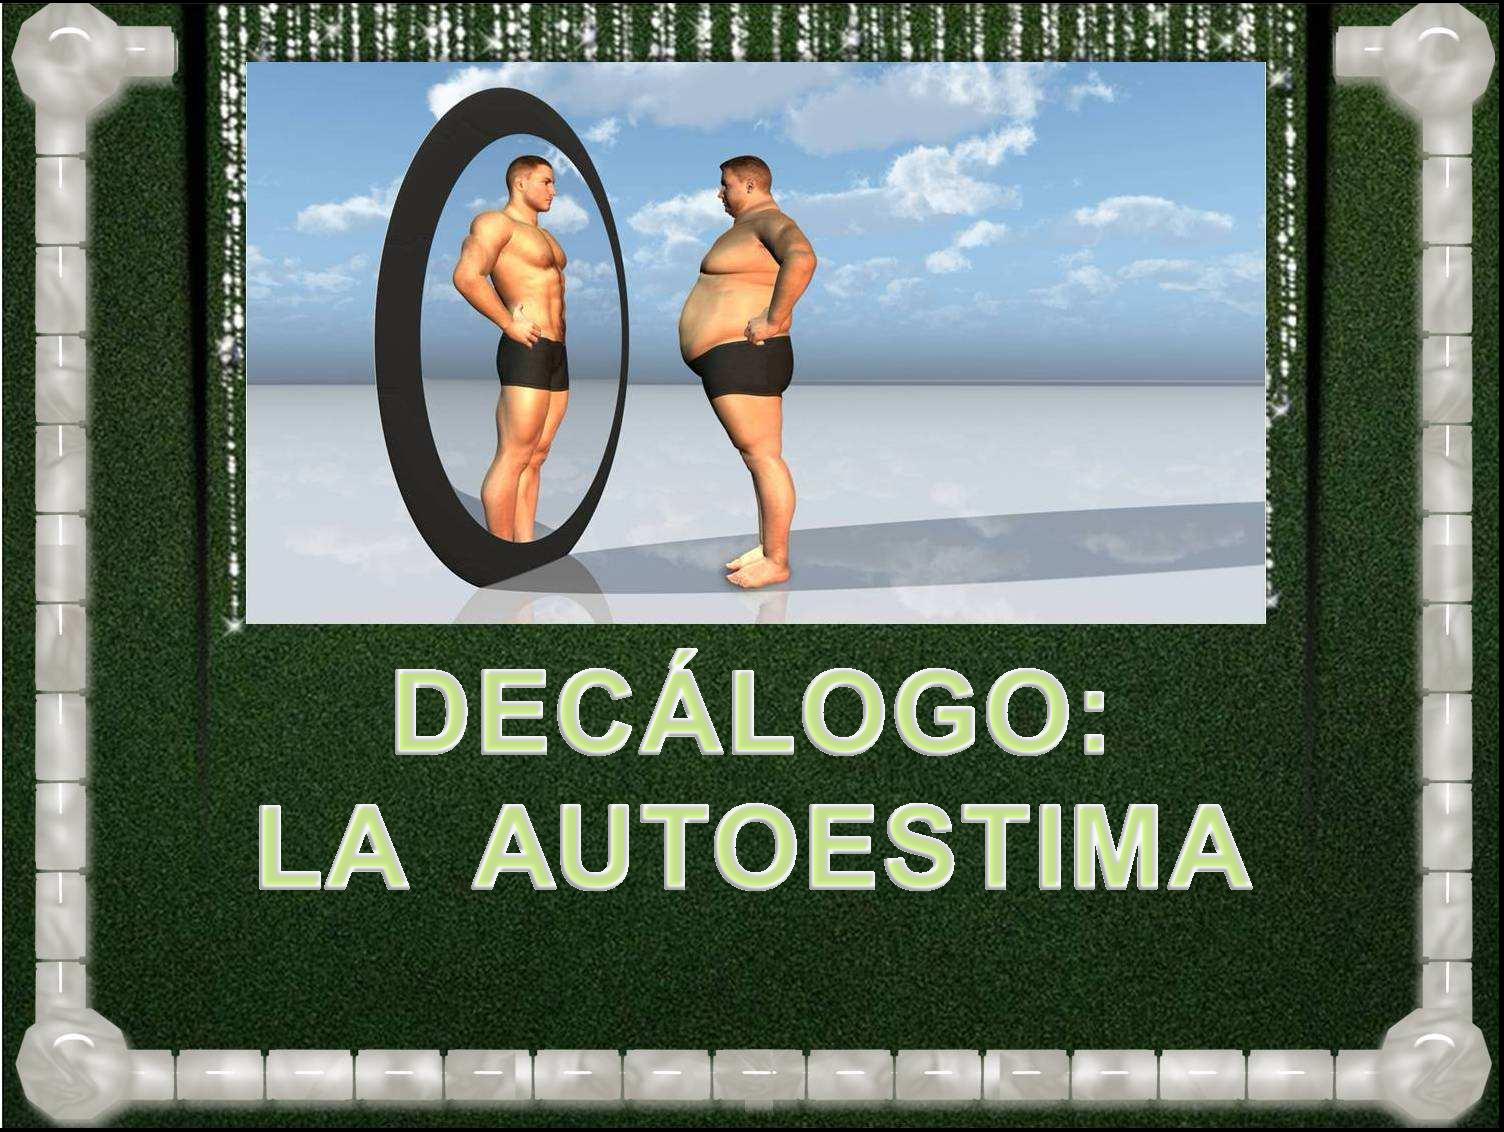 www.pajarita.org wie Sie Ihr Passwort auf bet at home ändern bet at home gut oder schlecht • View topic - Votaciones concurso del chiste